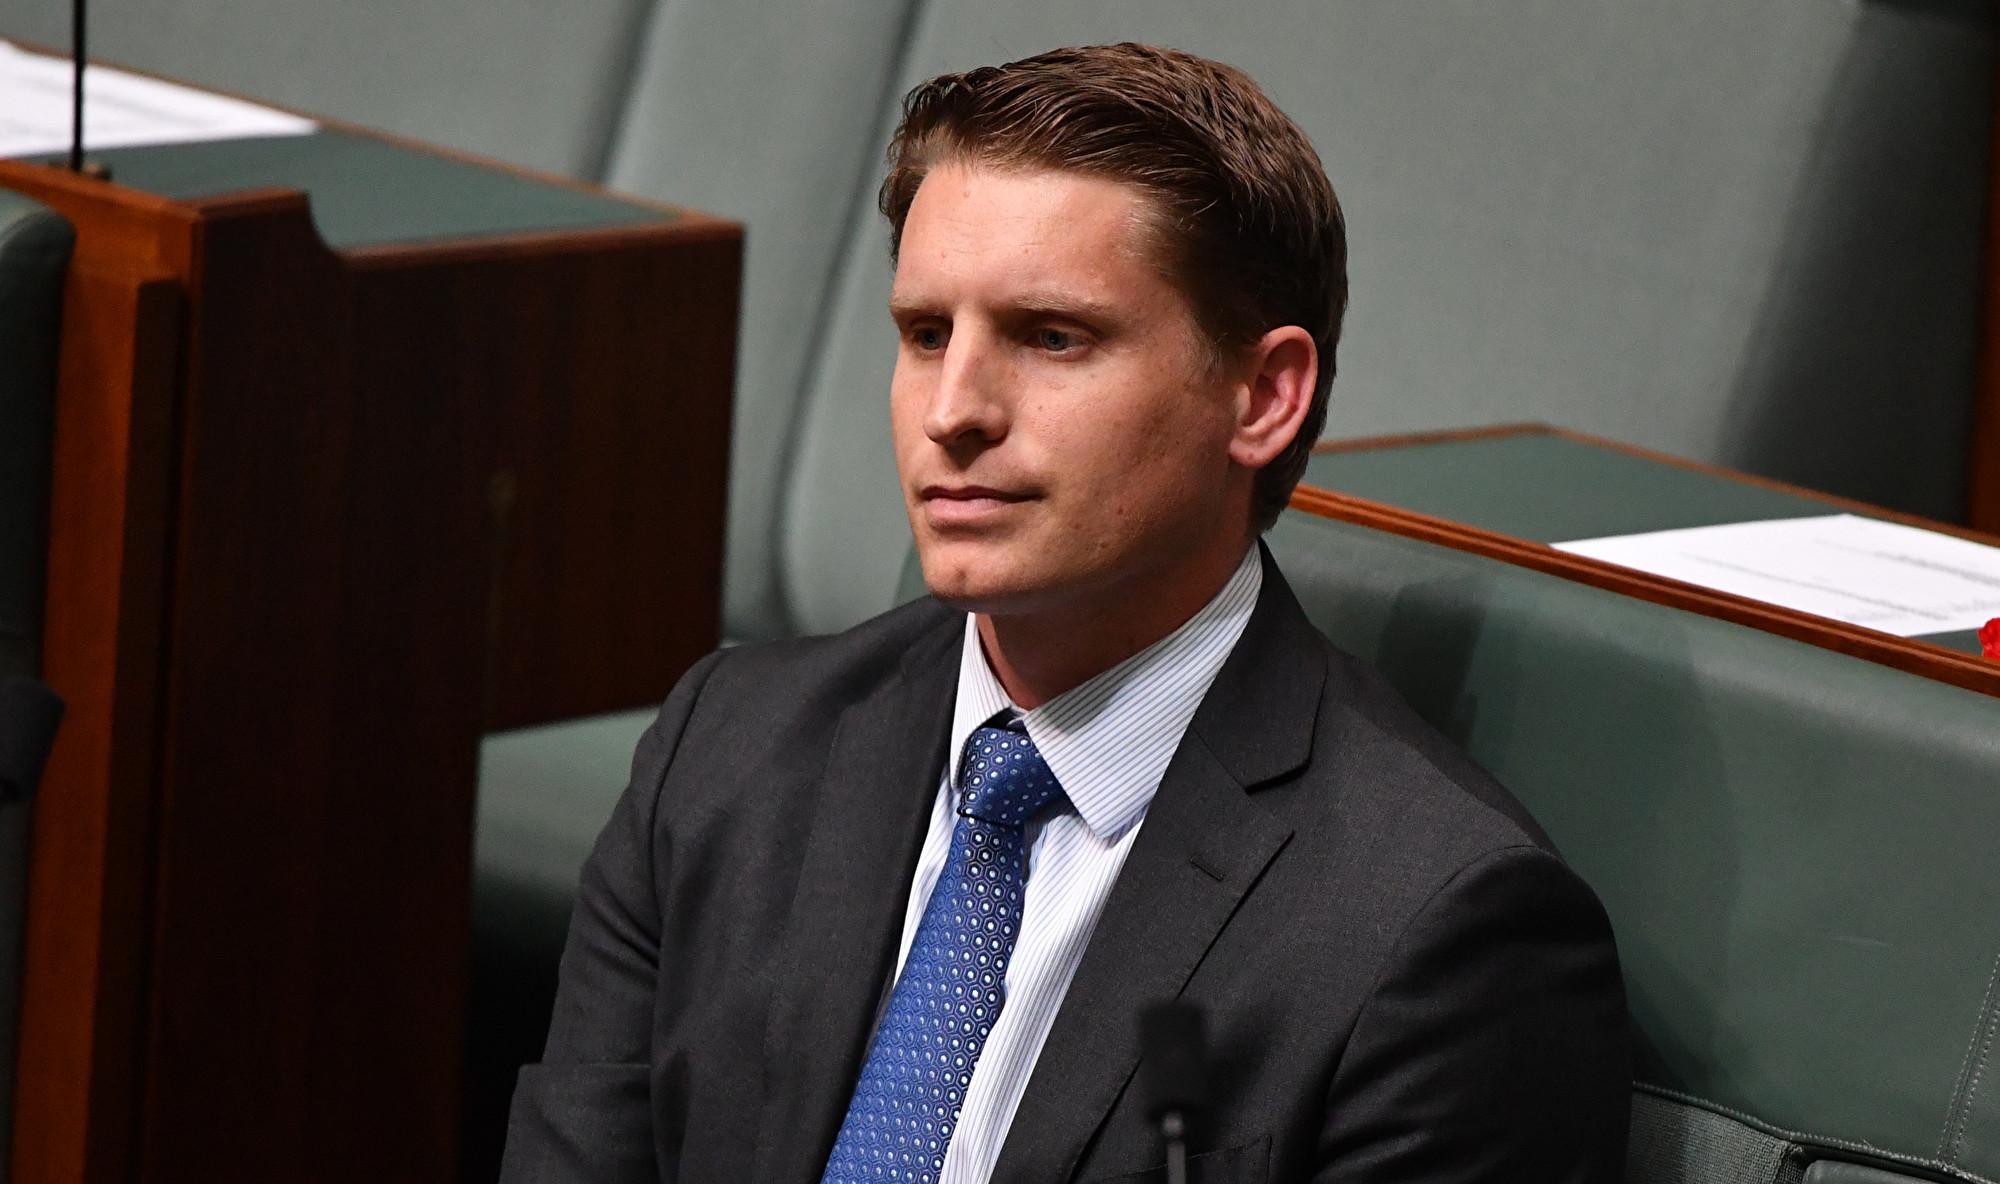 澳議警察告中共威脅如納粹 需直面嚴峻挑戰